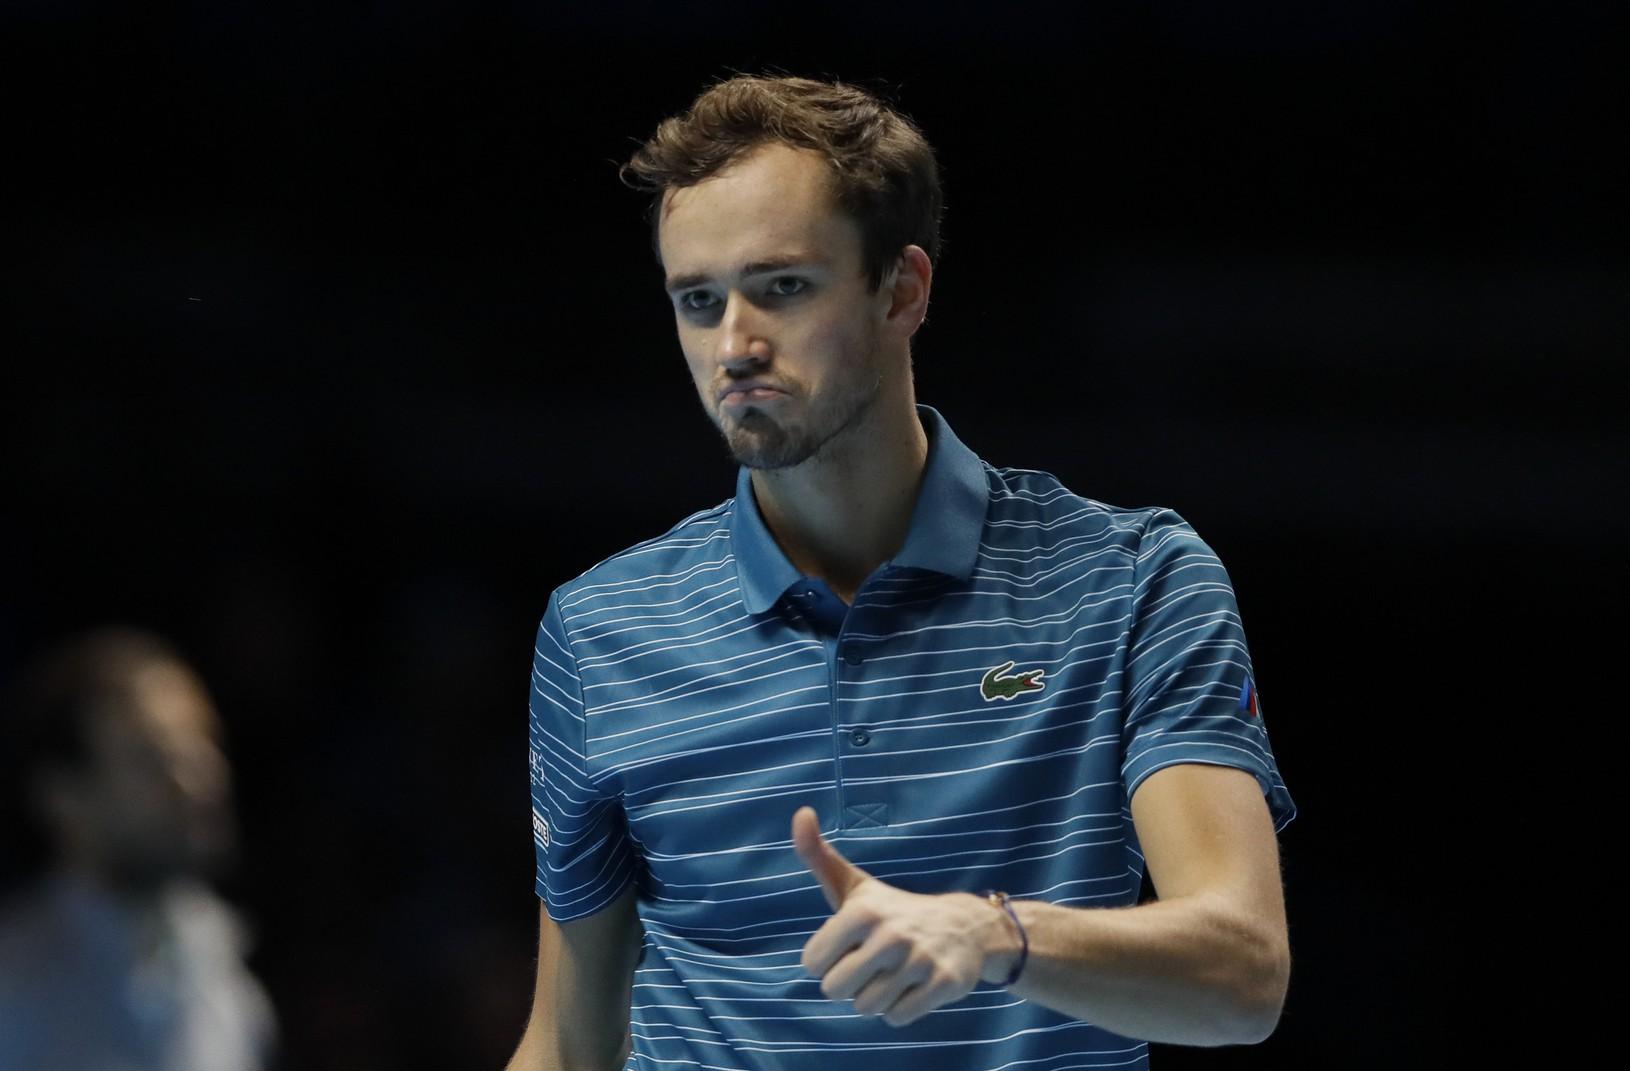 Daniil Medvedev